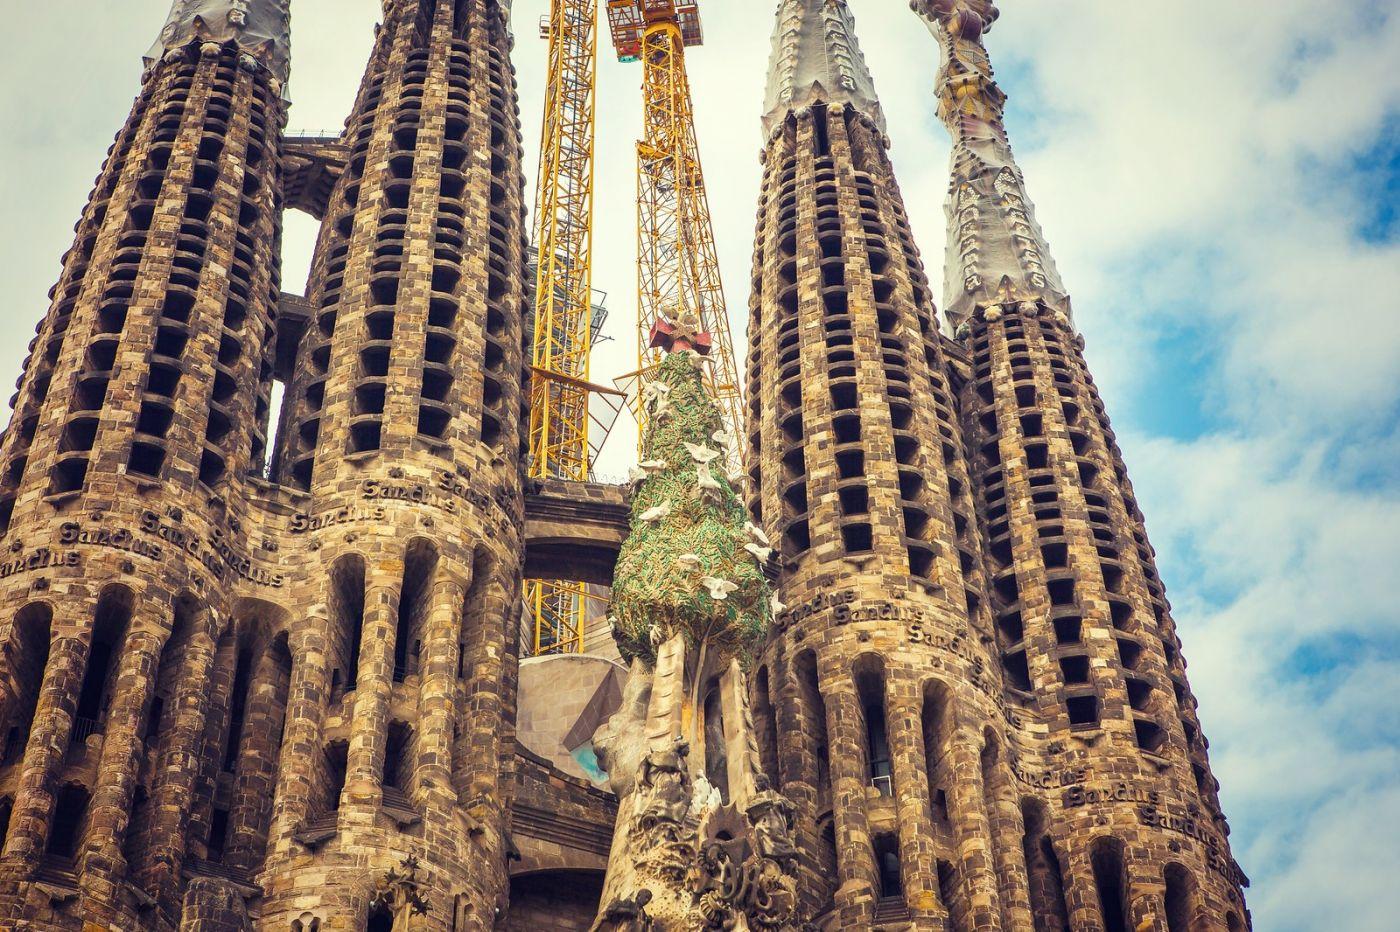 西班牙圣家堂(Sagrada Família), 上帝建筑师-高第的作品_图1-25